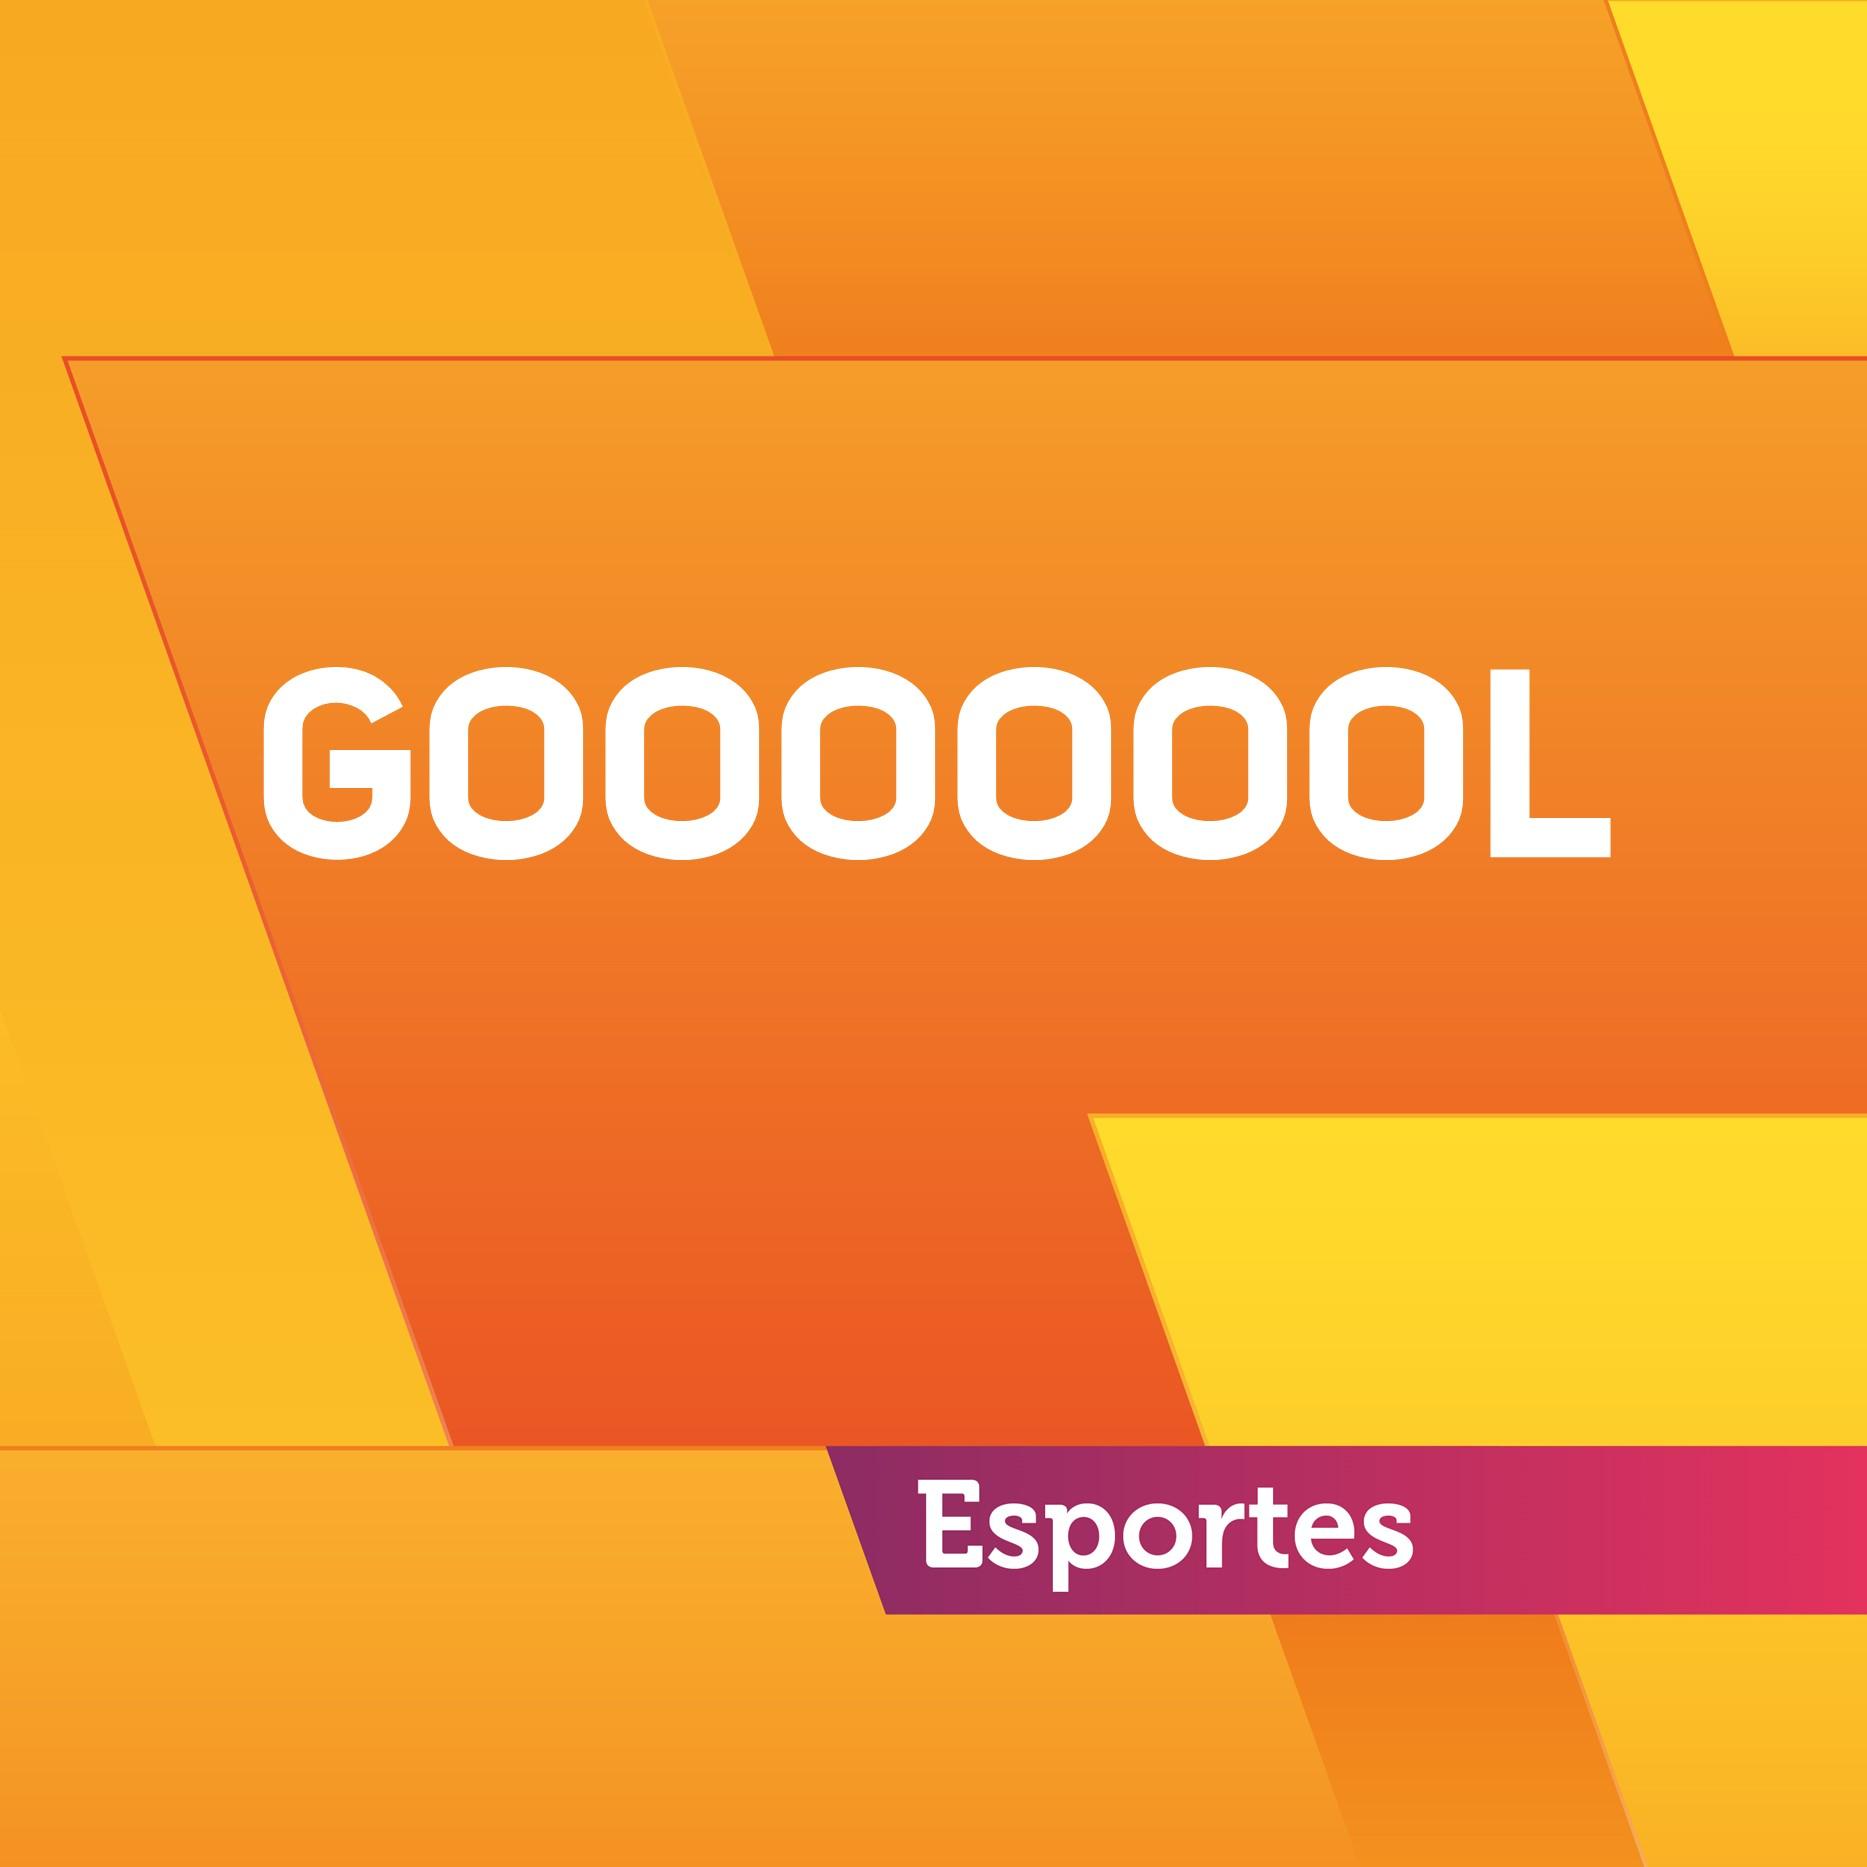 Bielkiewecz - Deportes Iquique-CHI 1 x 1 Grêmio - 03/05/2017